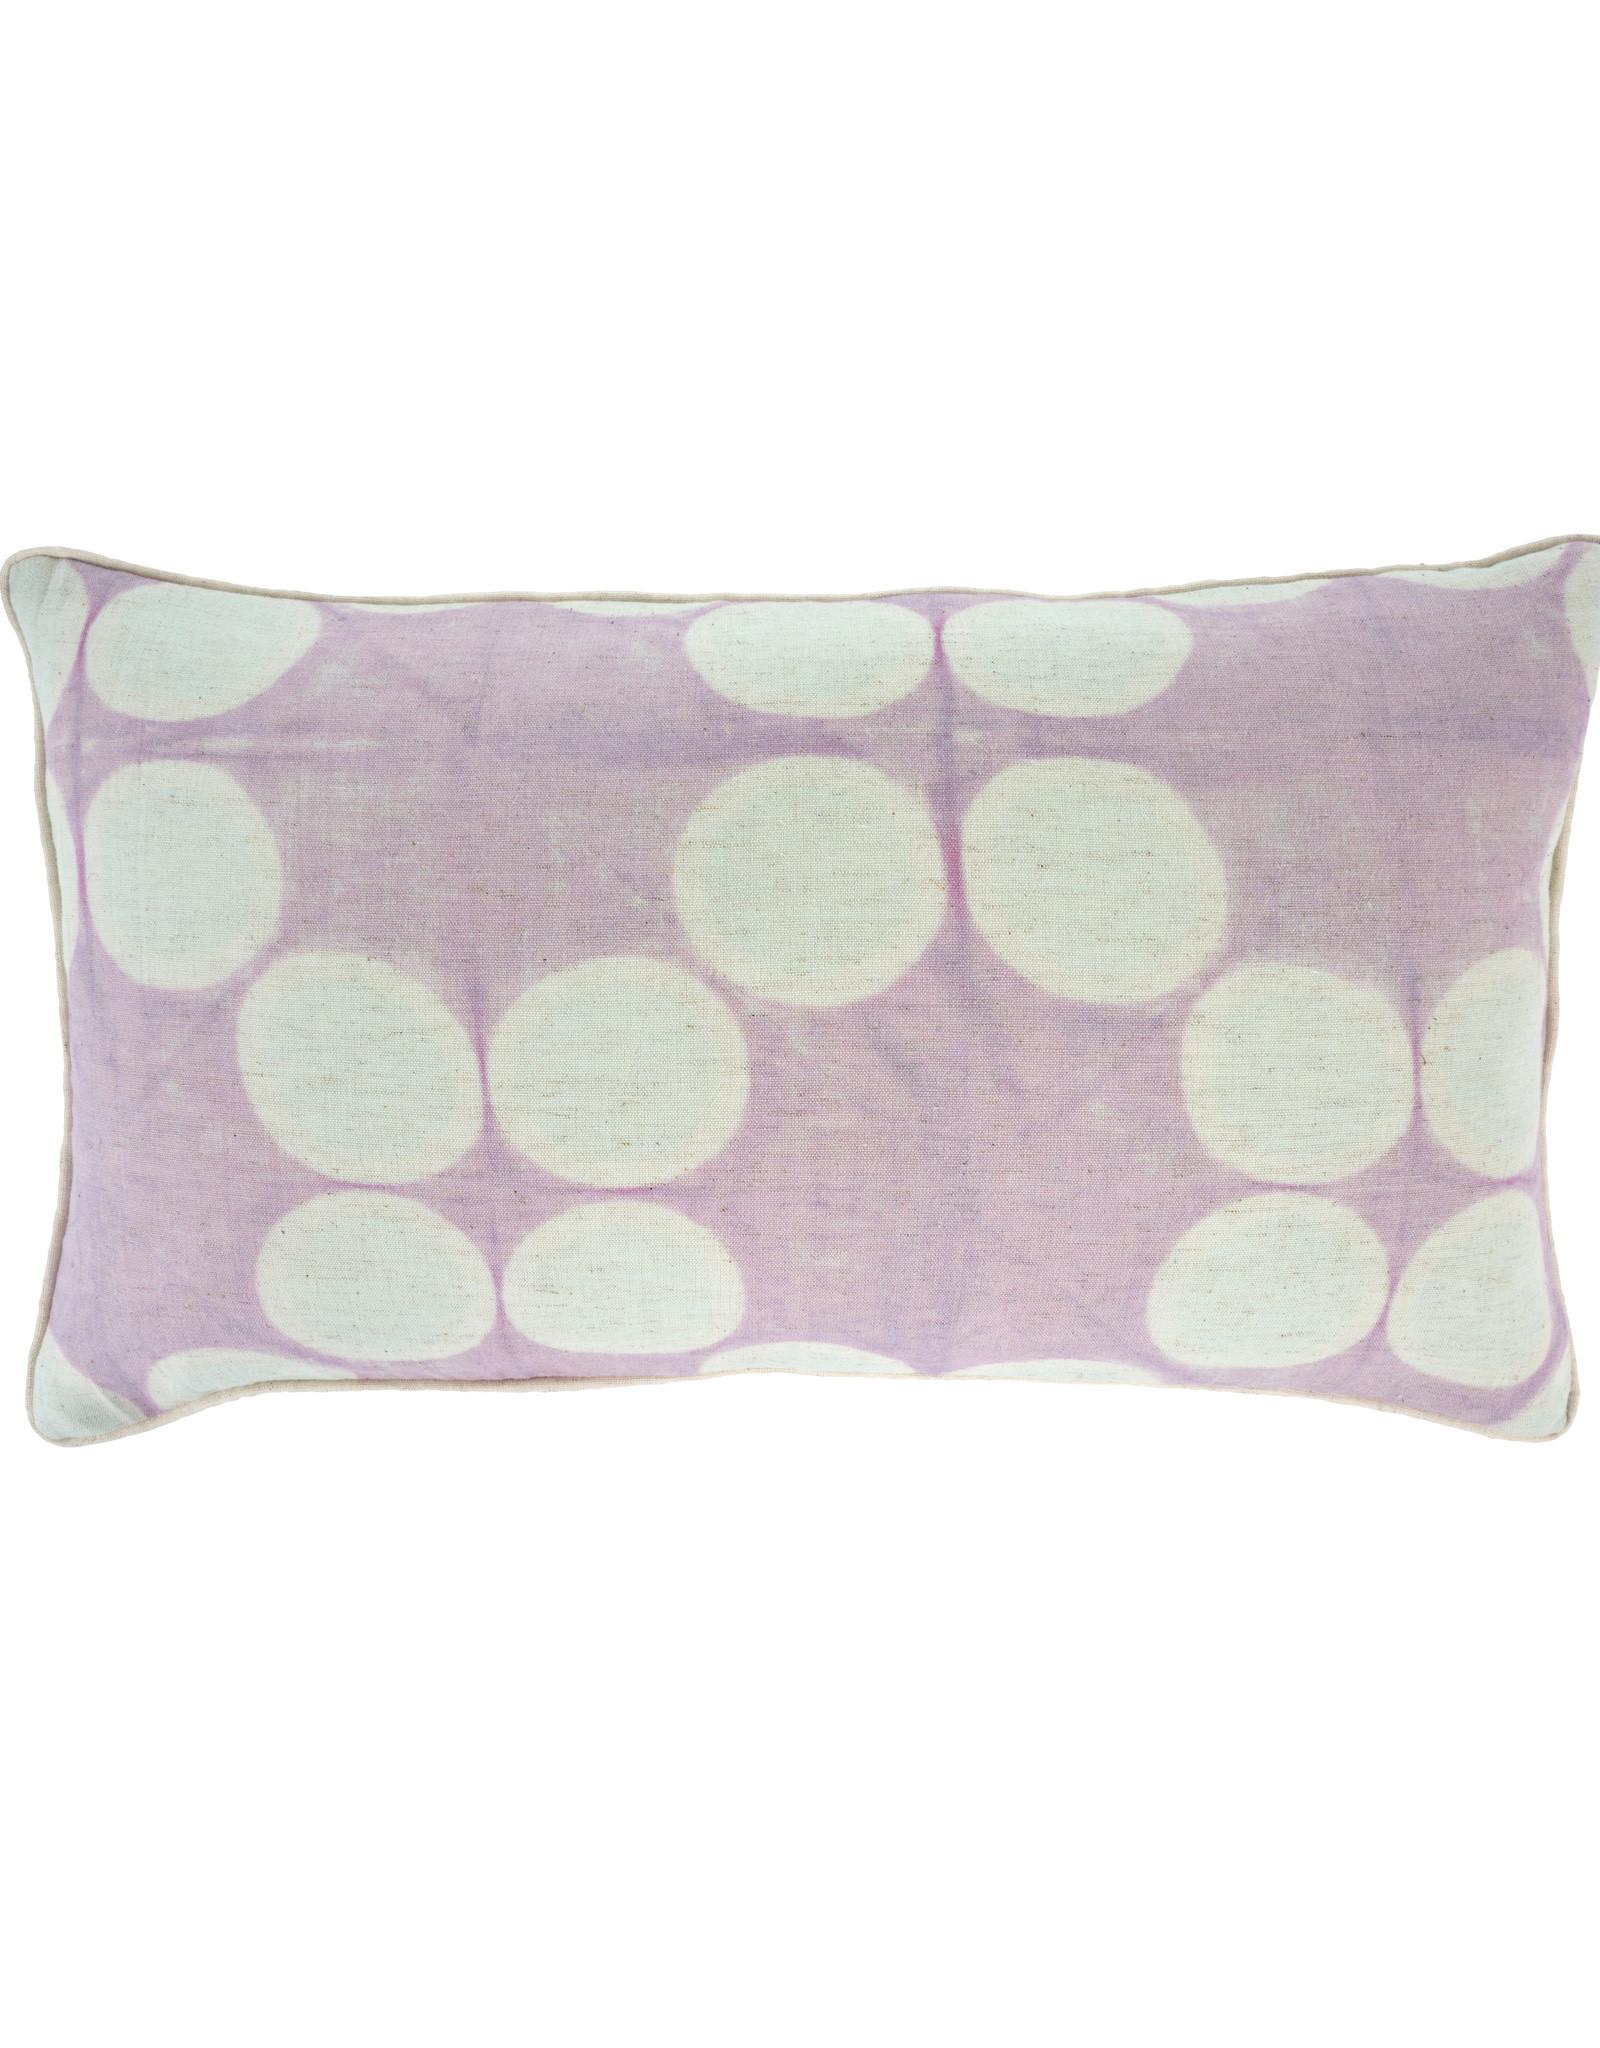 Indaba Tye Dye Pillow - Wisteria